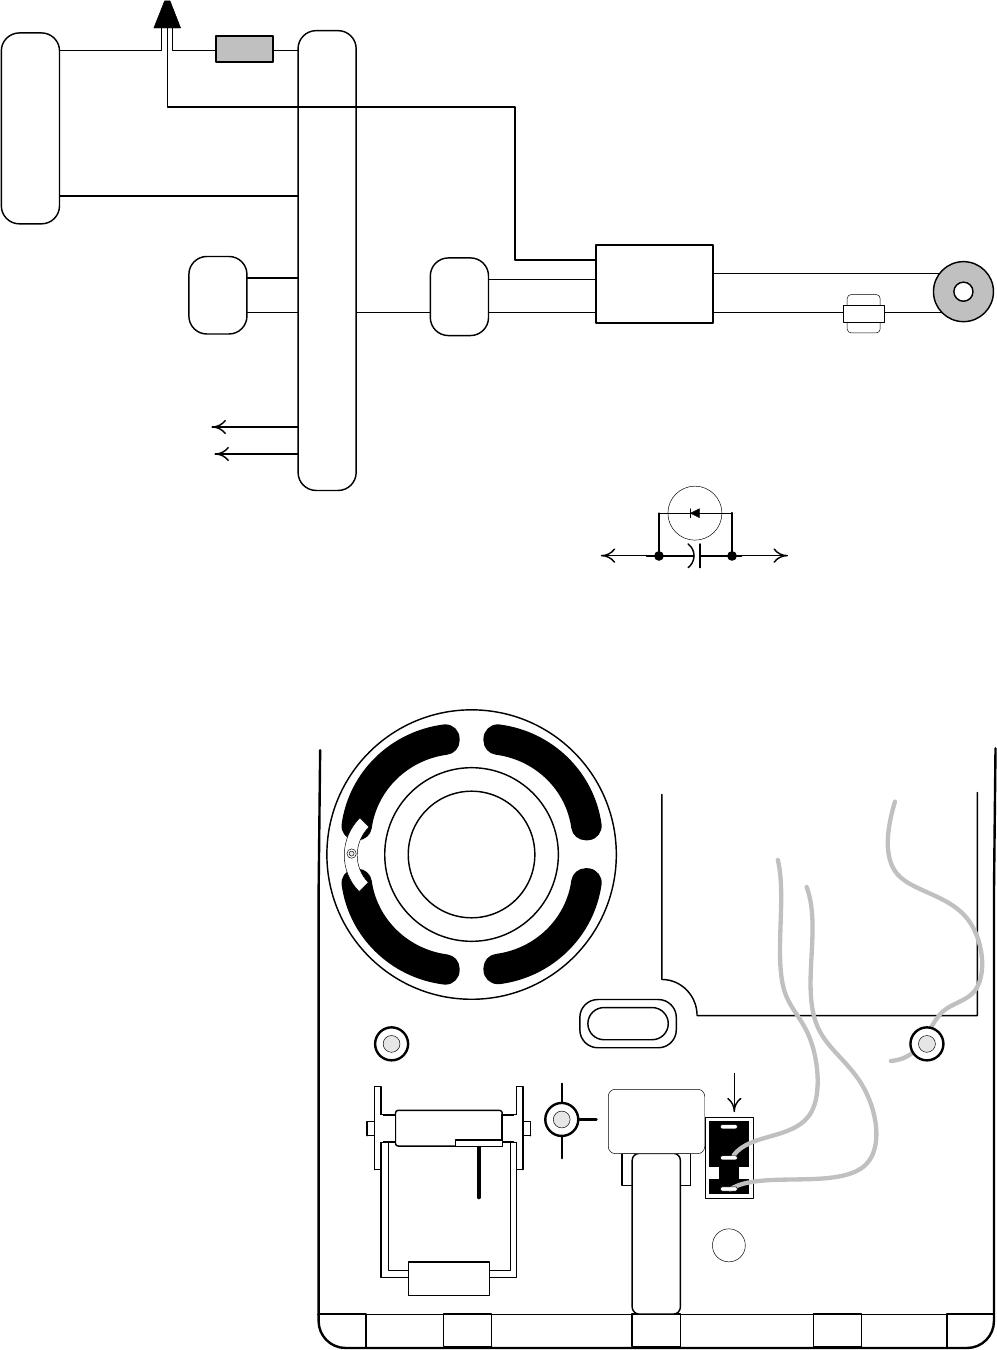 Aiphone C Ml Wiring Diagram : Aiphone Intercom Wiring